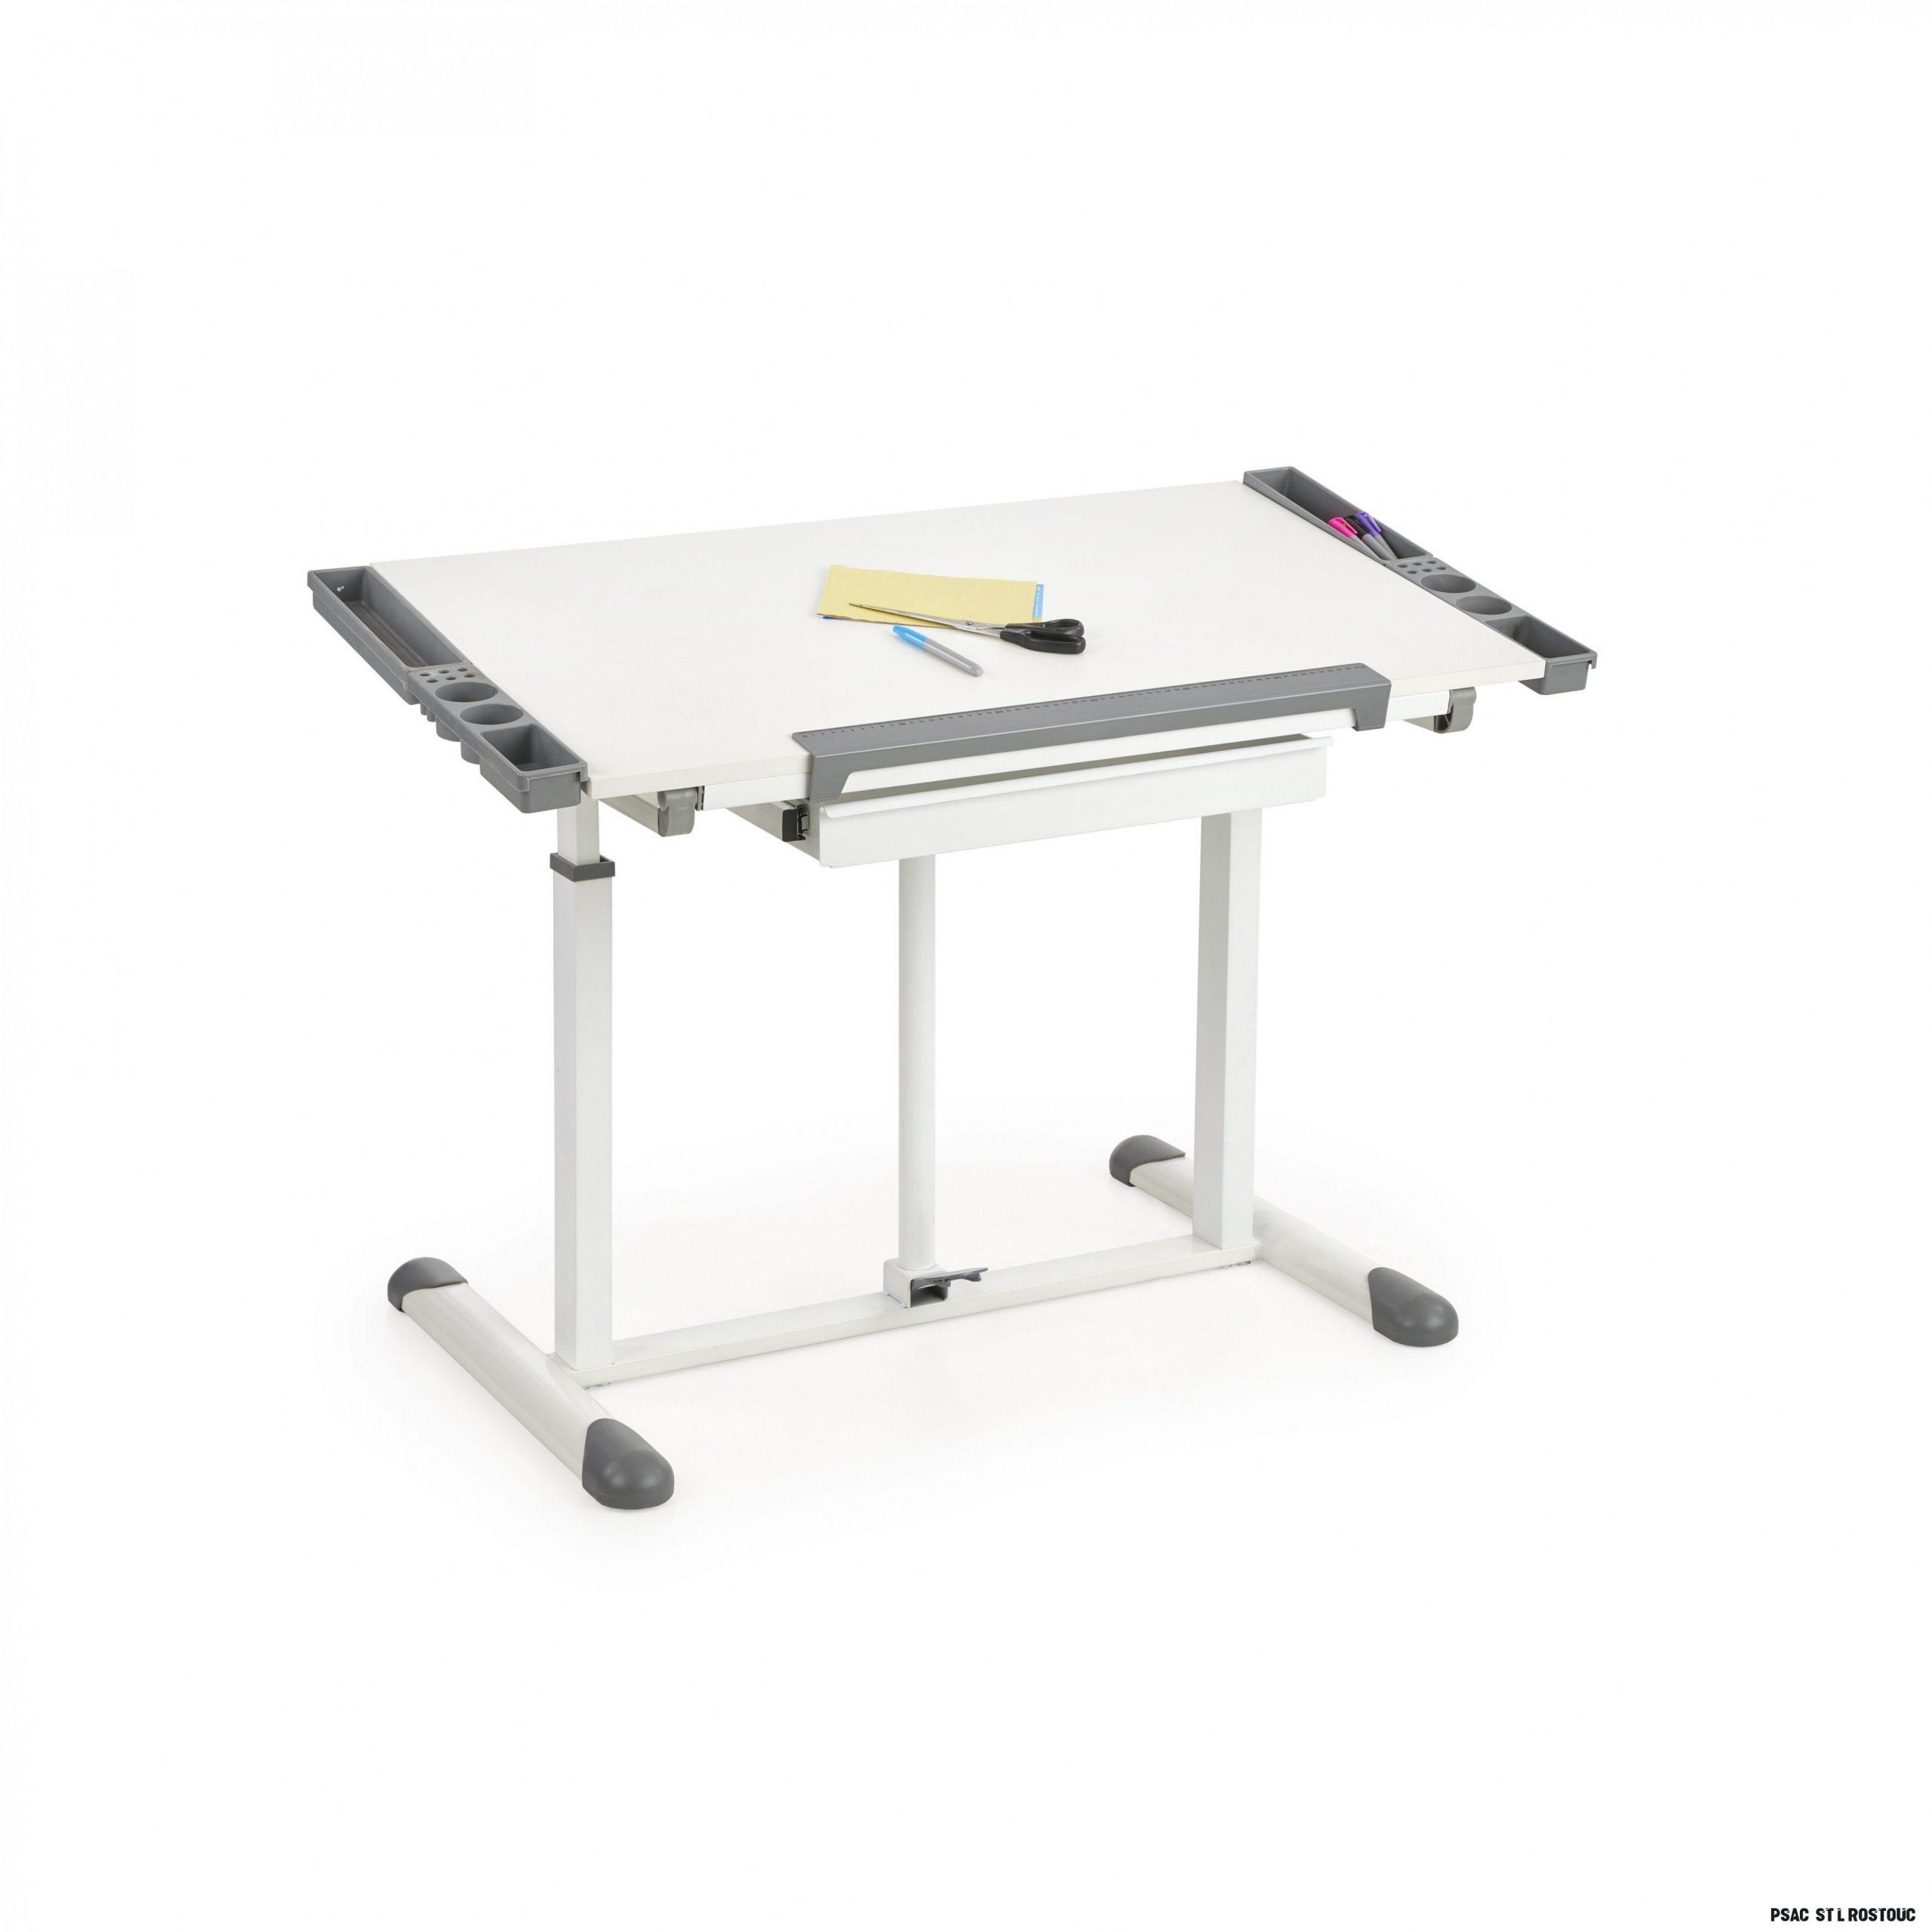 Dětský psací rostoucí stůl BUDDY - s nastavitelnou výškou a sklonem -  bílo/šedý